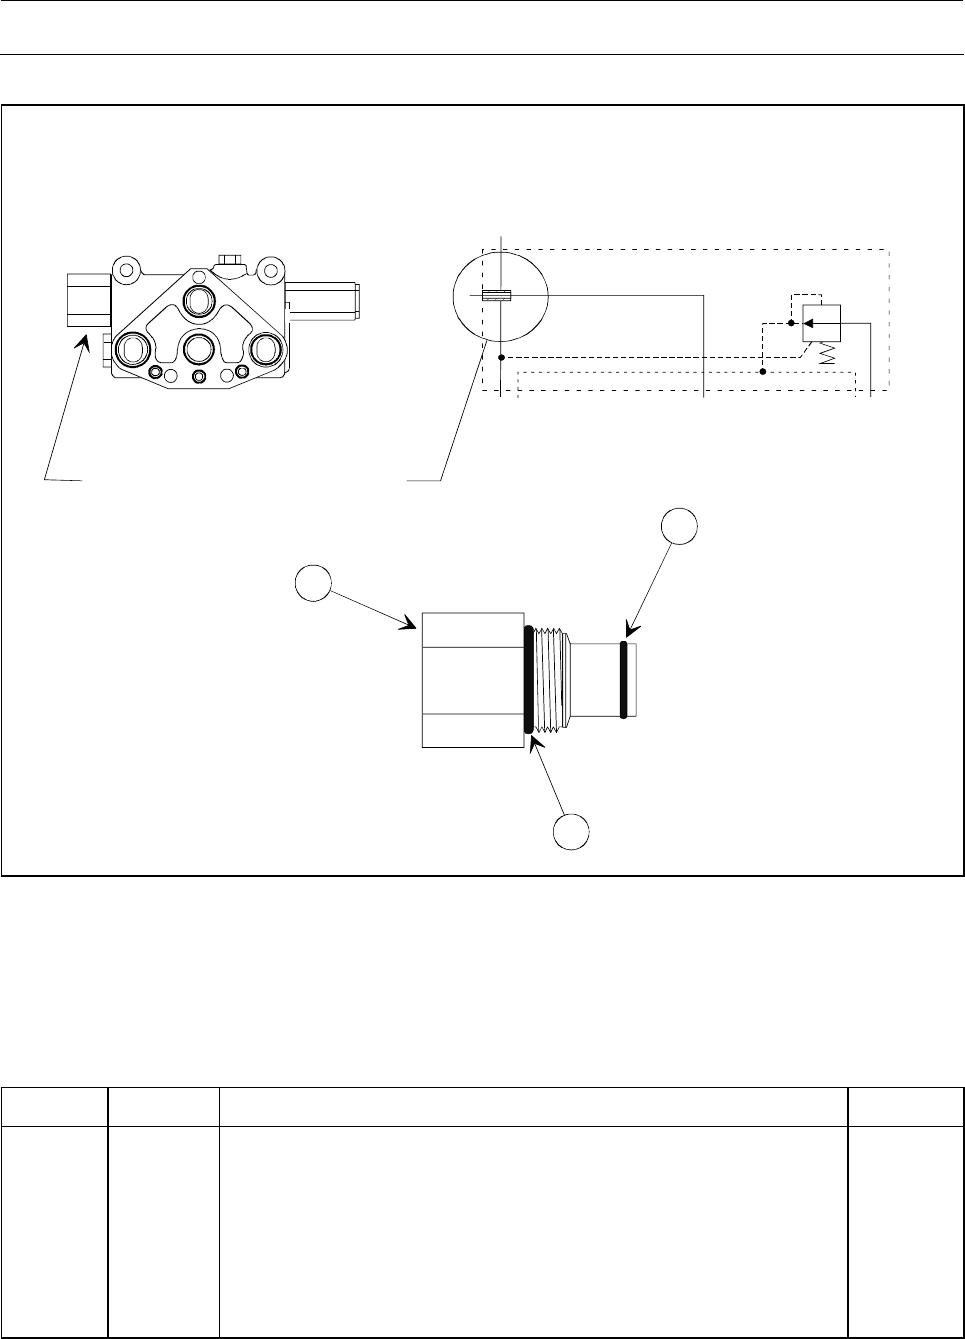 V20 Service Manual V 20 V20spare Parts This Application Diagram Indicates How Loadsensing Valves Control Model And Catalog No Sc 1102 Rev 08 26 2002 49